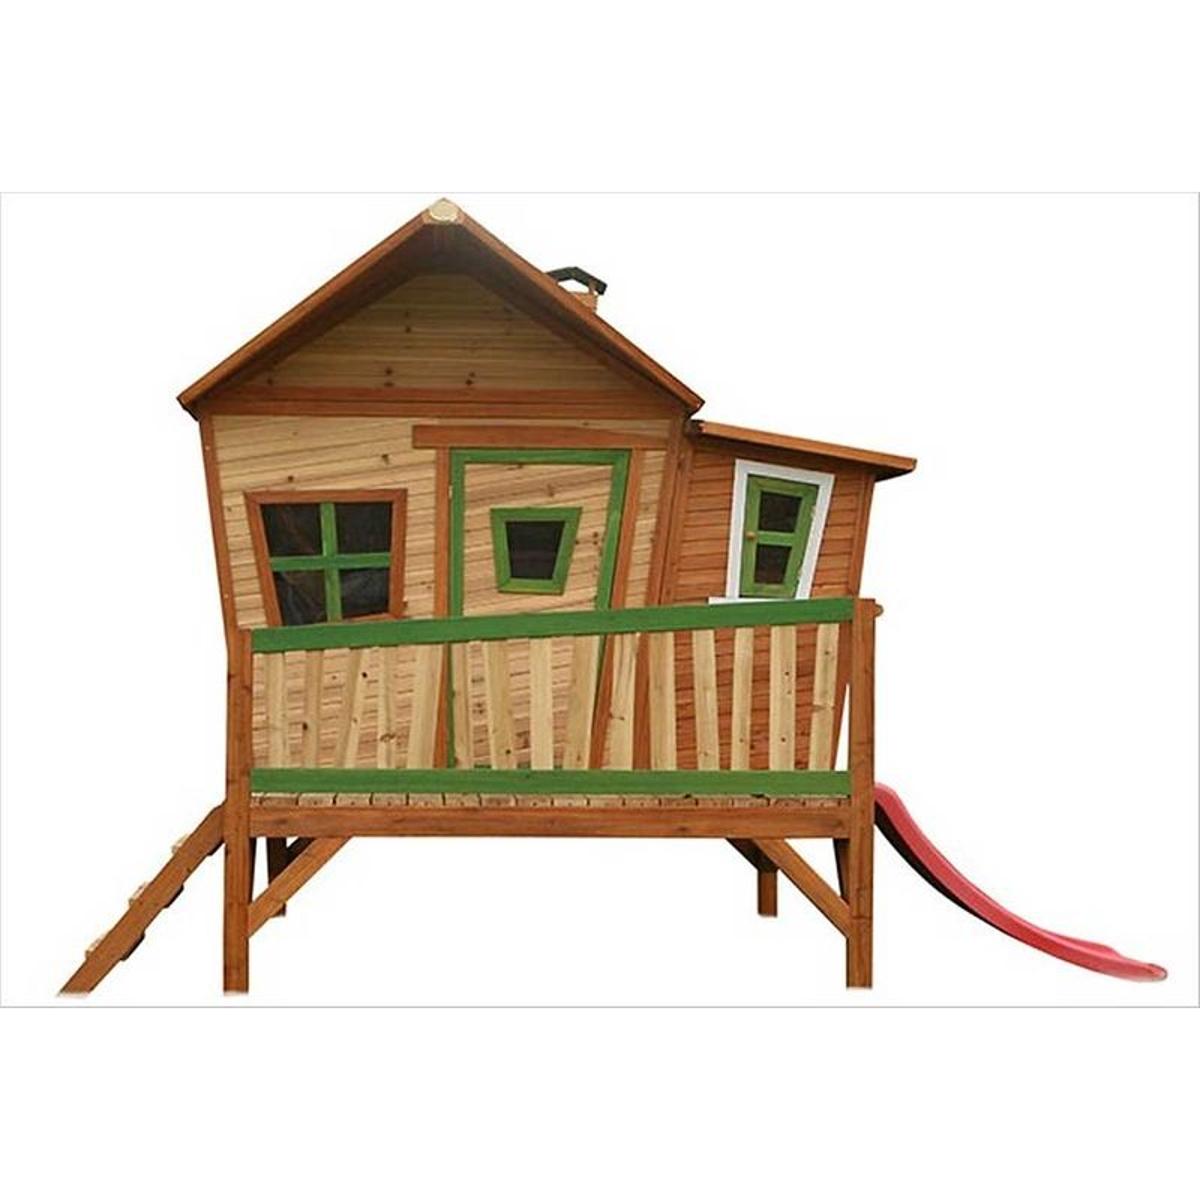 Grande cabane en bois sur pilotis Emma